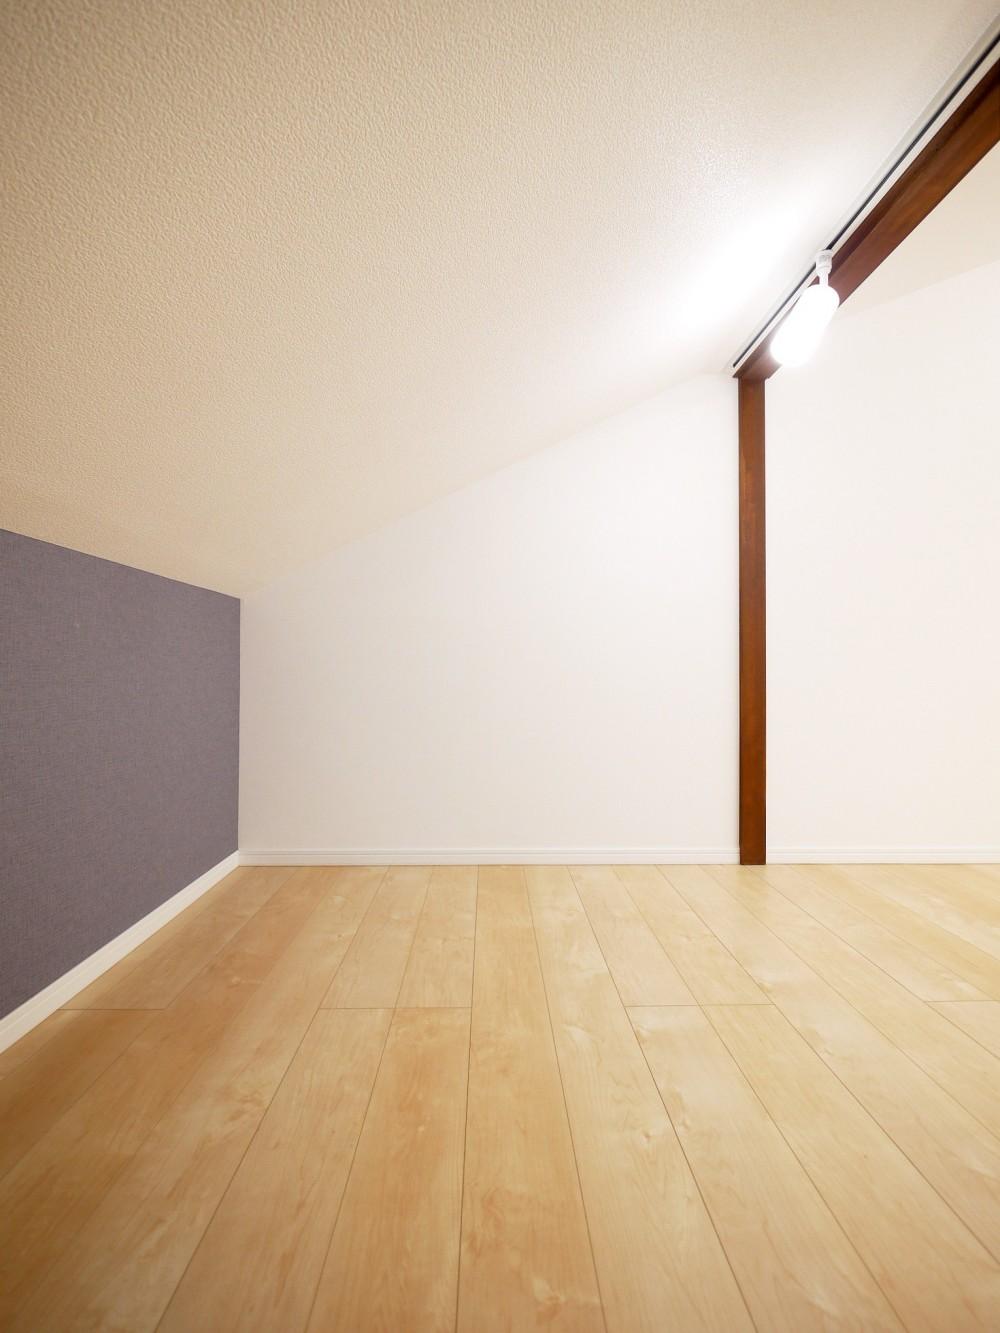 戸建の和室をオープンな空間に (小屋裏・収納)